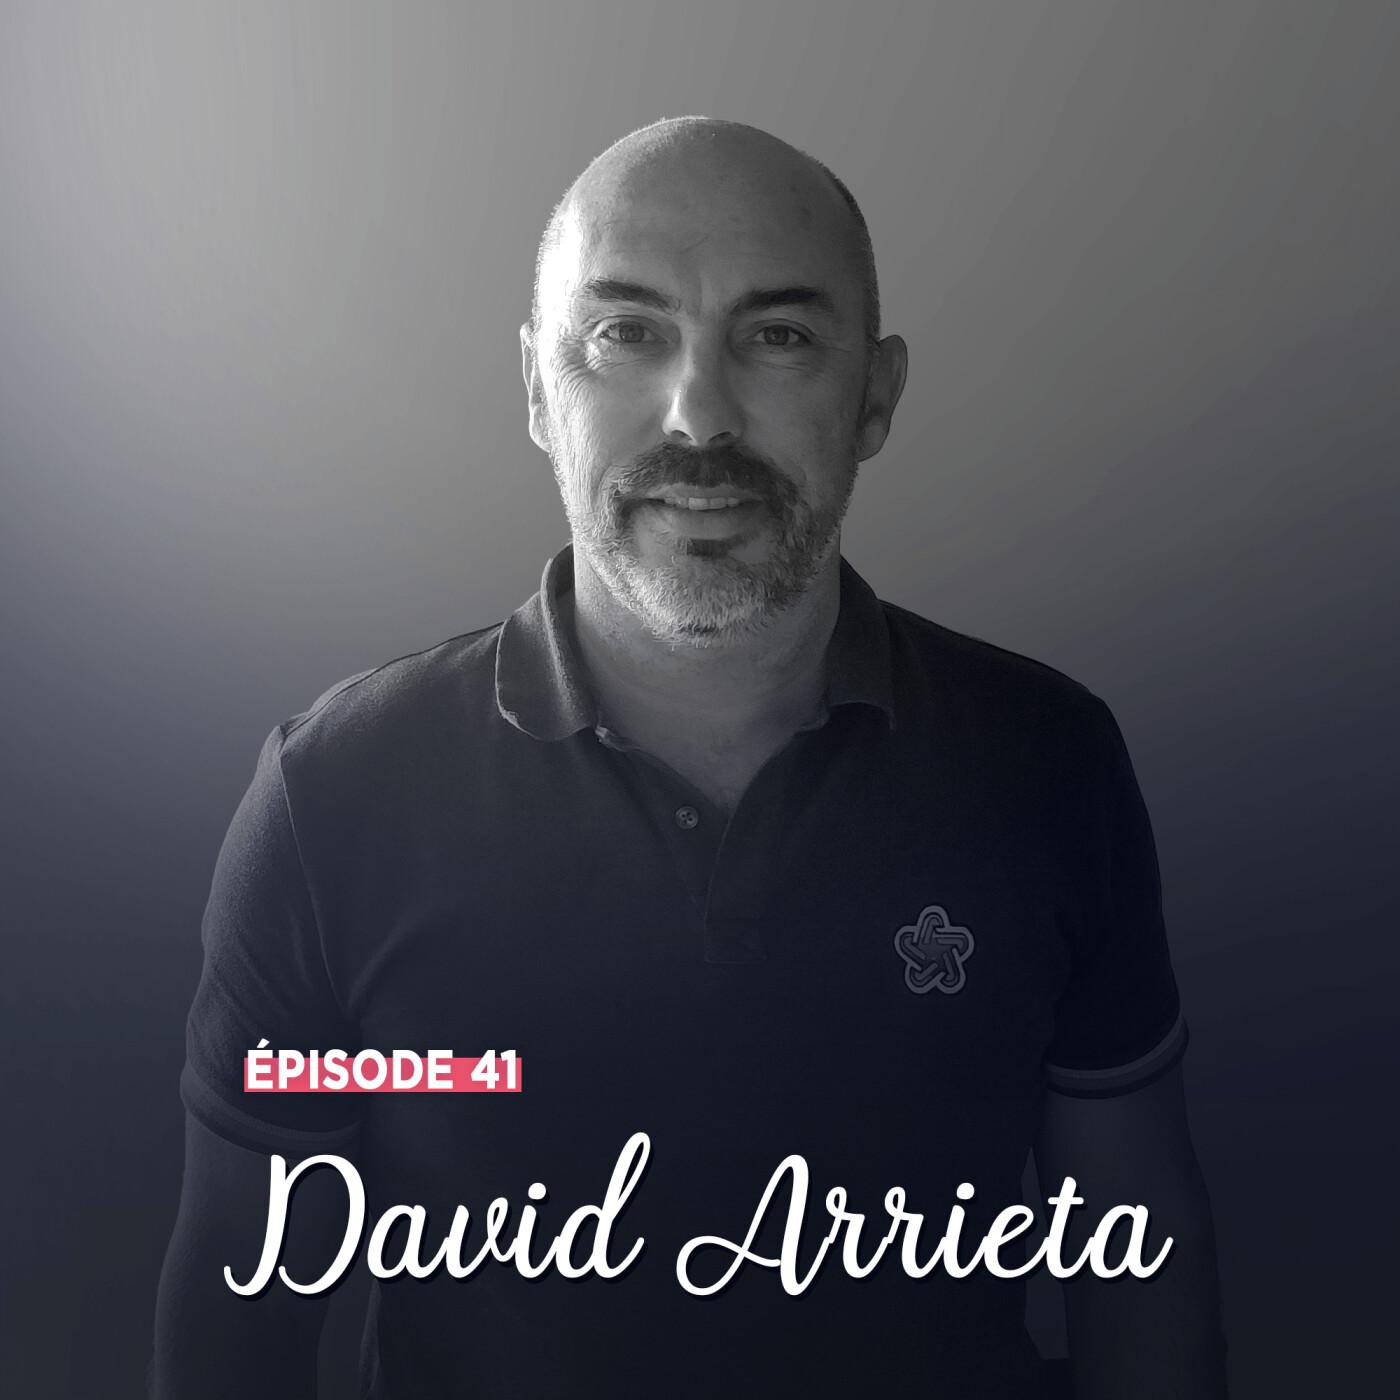 #41 - David Arrieta, sur tous les terrains - Le bon côté des choses